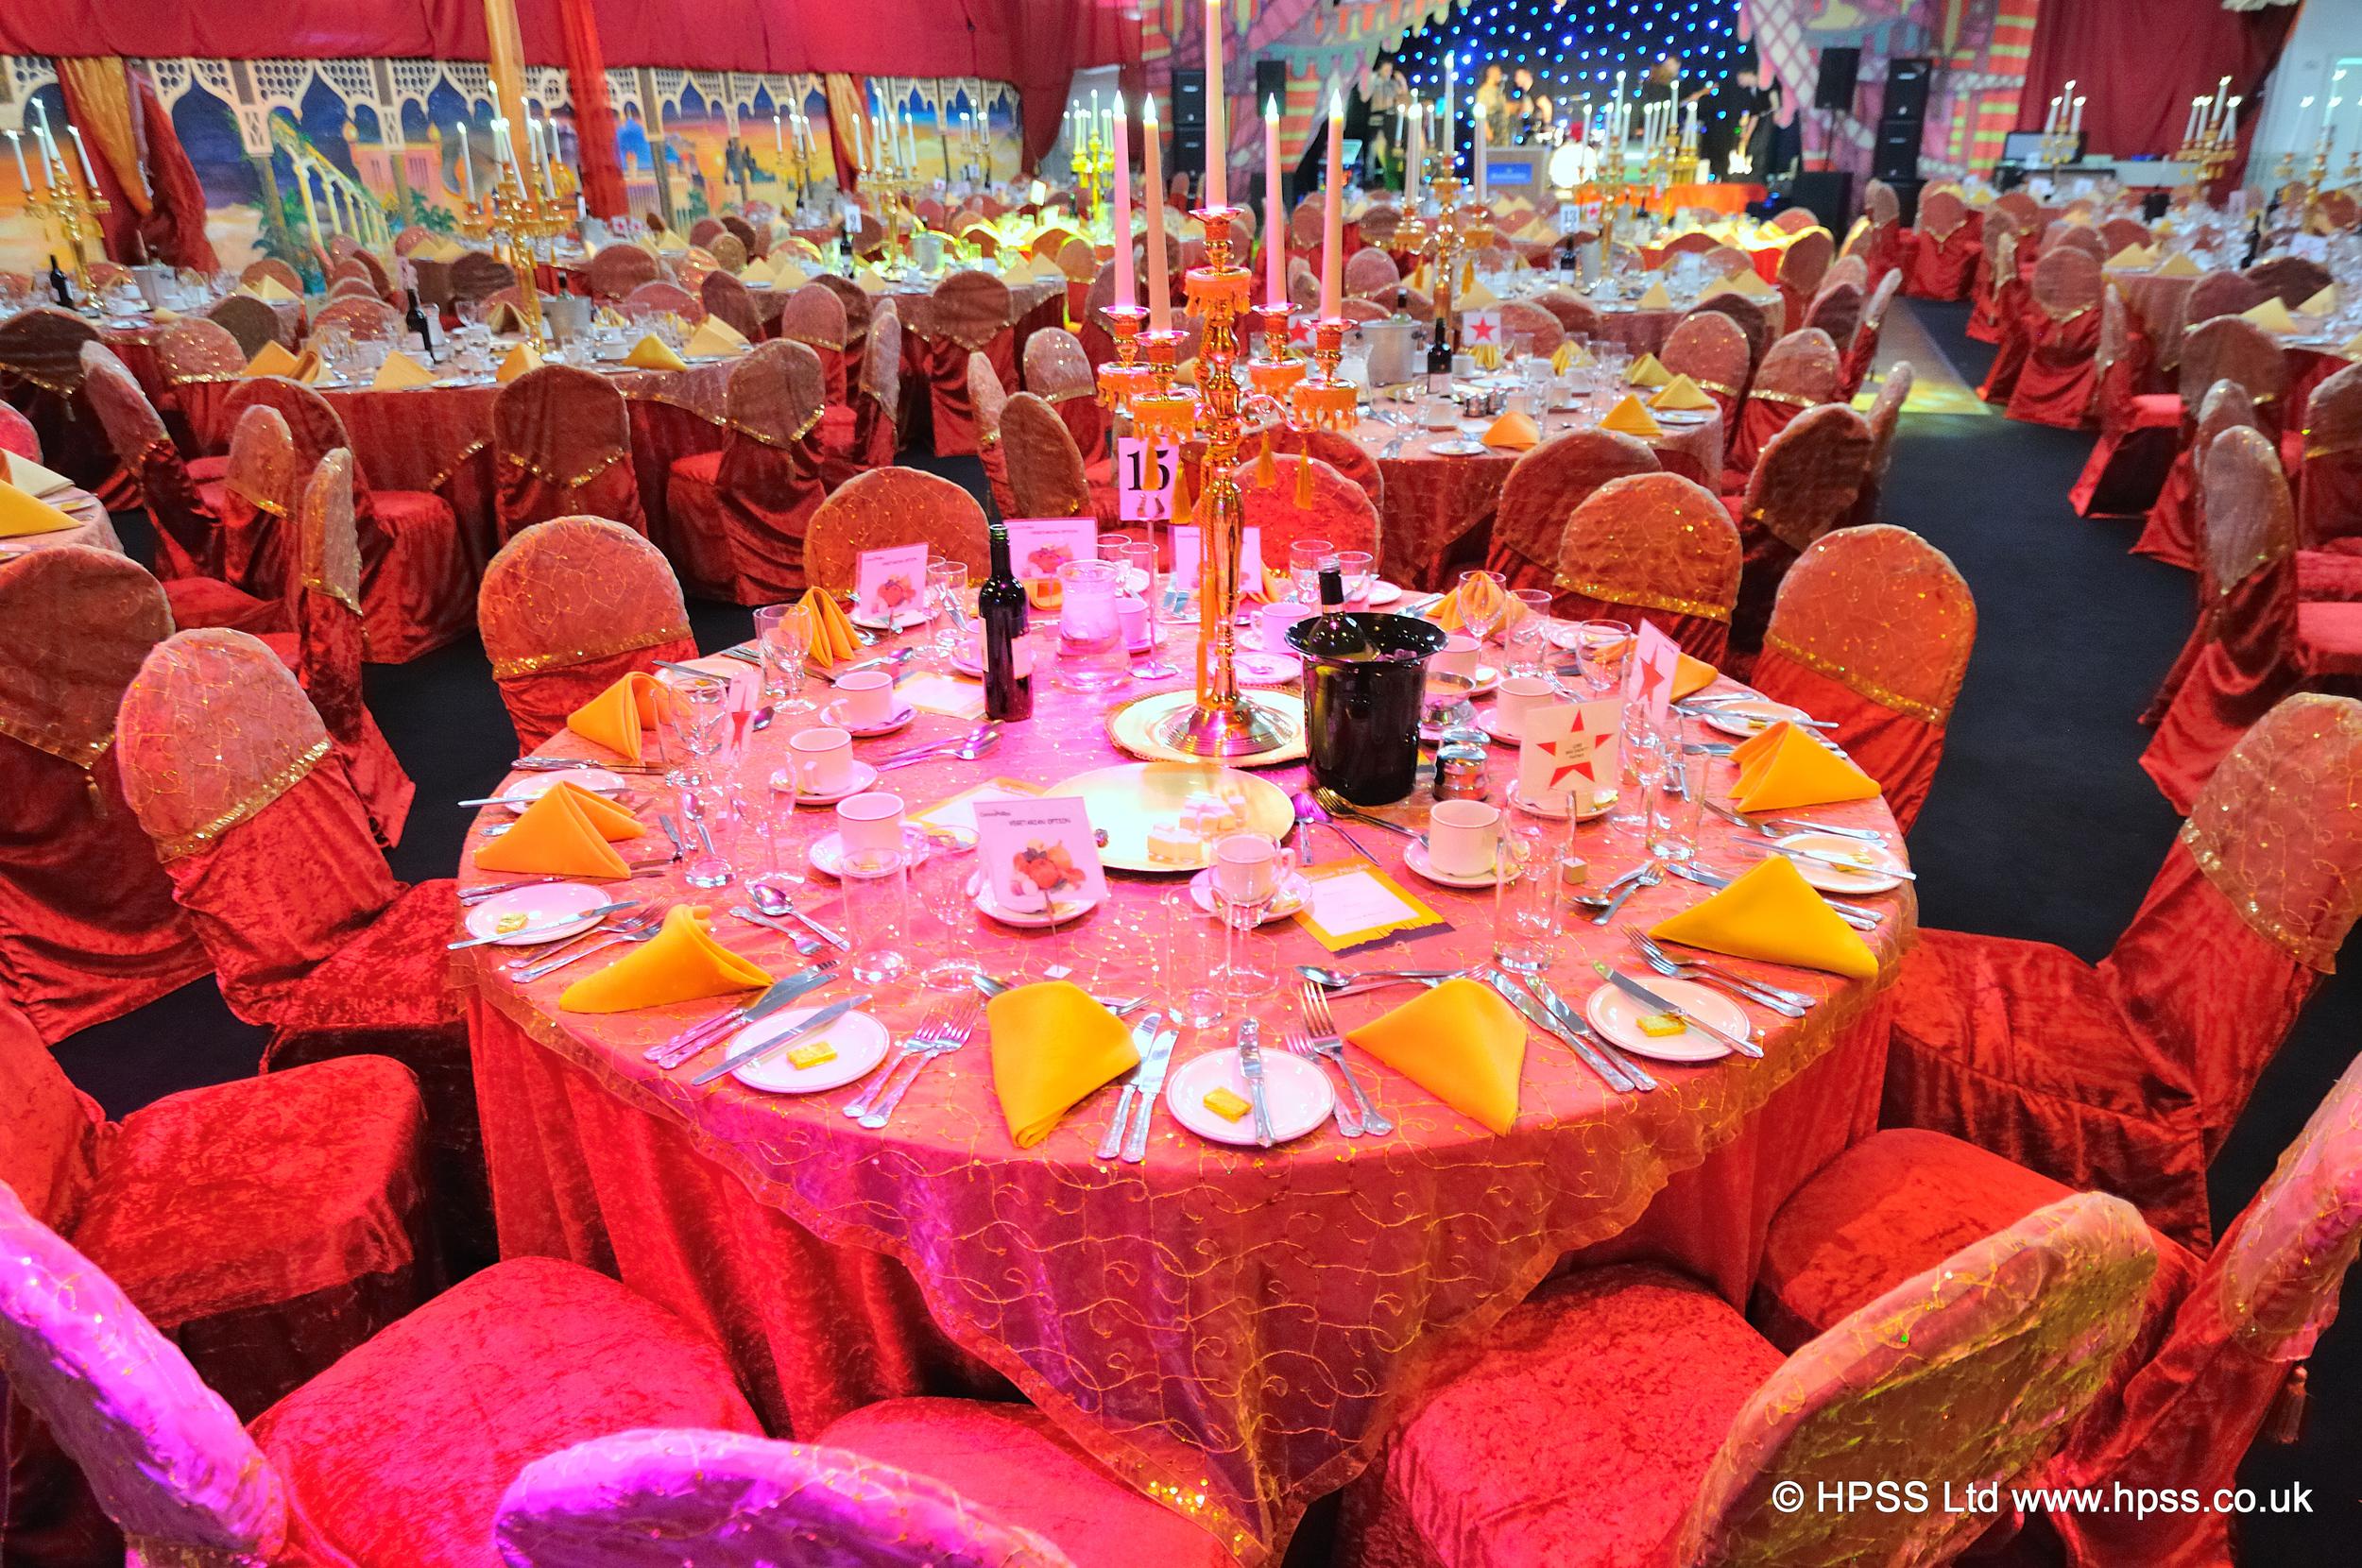 Themed table decor